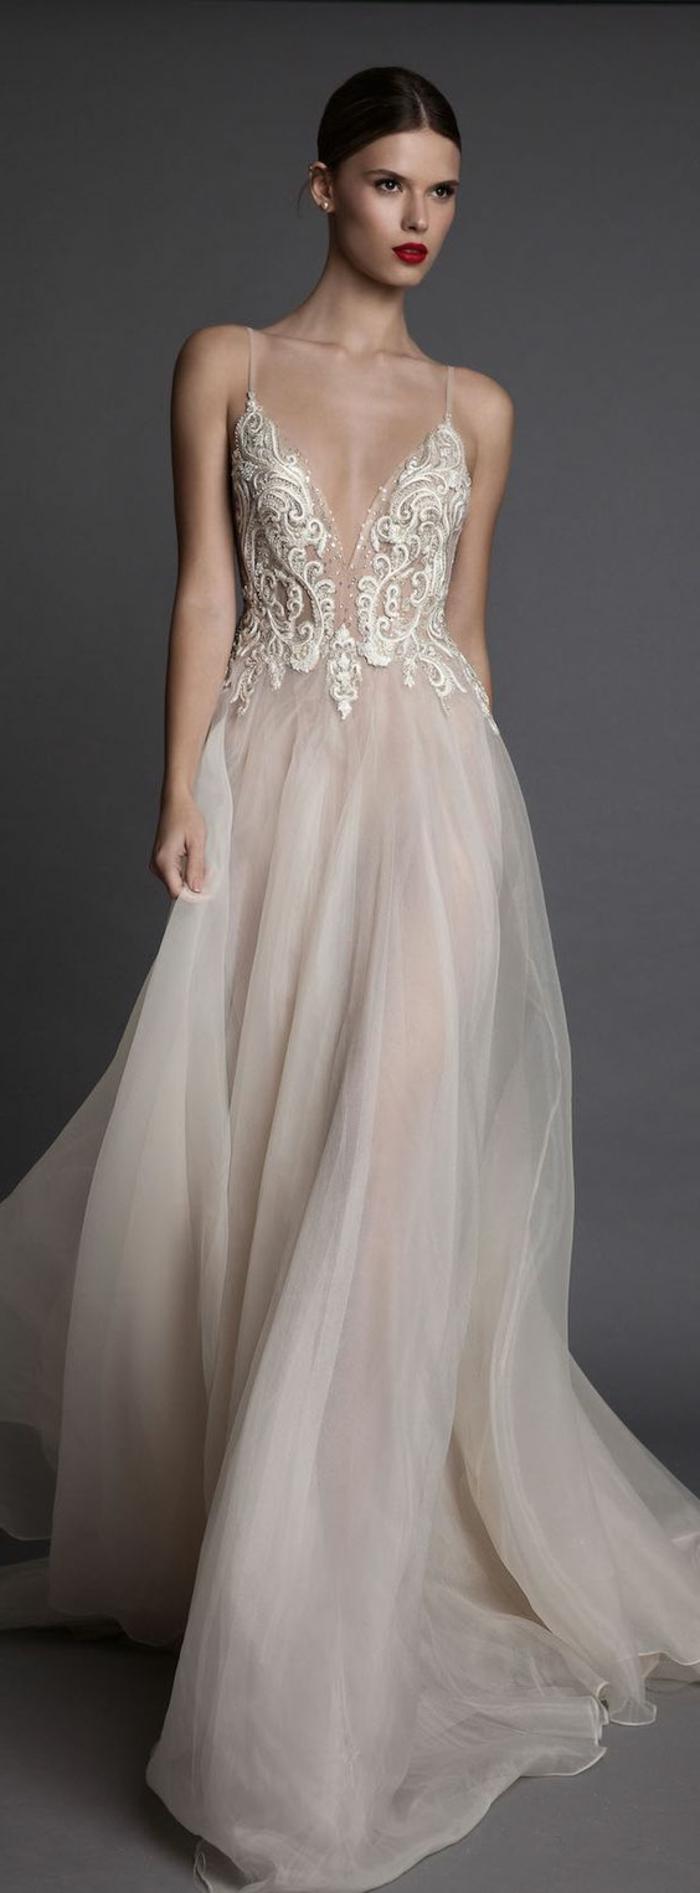 robe de mariée colorée, robe longue avec un décolleté dégagé et dentelle